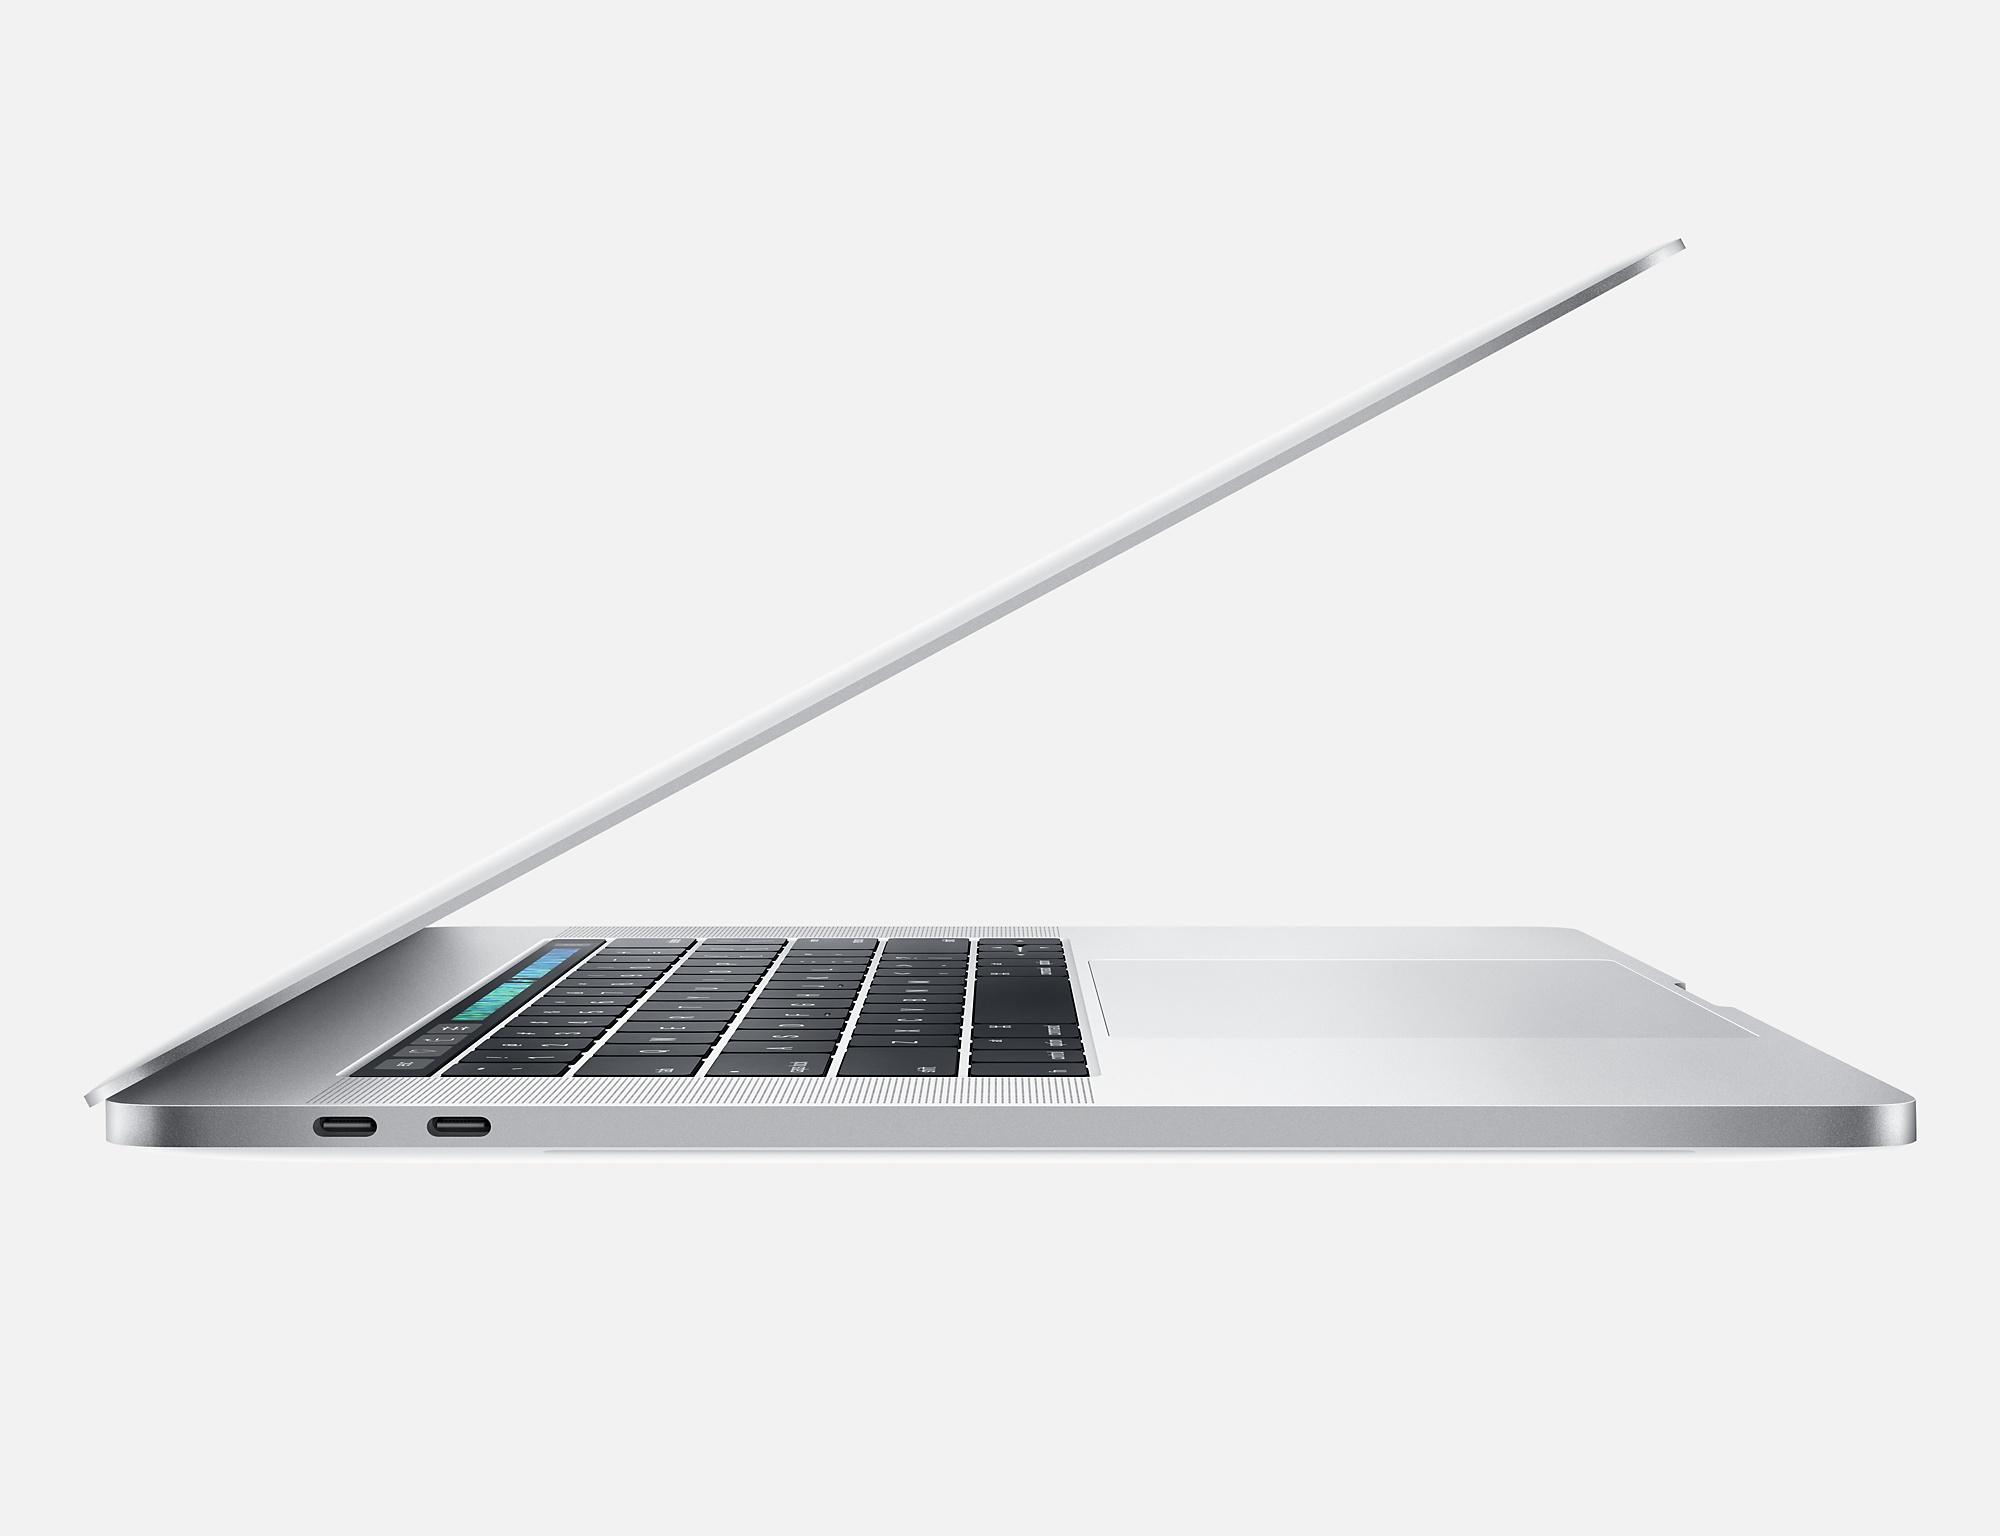 macOS Sierra 10.12.2 MacBook Pro